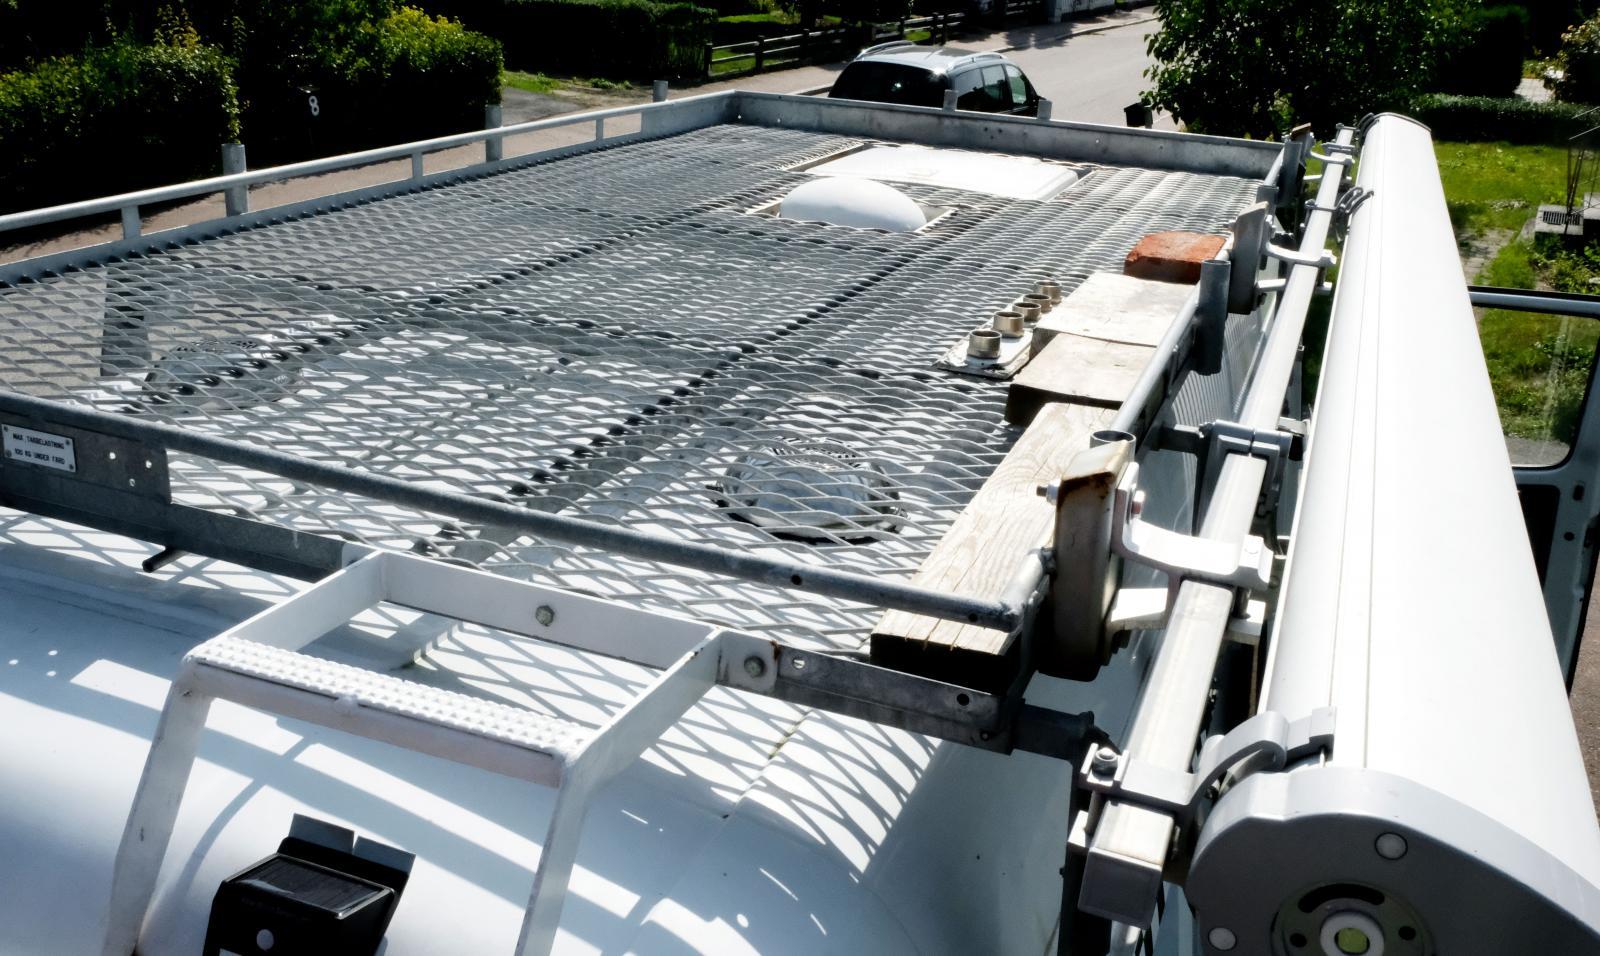 Här kommer Patrik så småningom installera solpaneler för extra energiförsörjning.